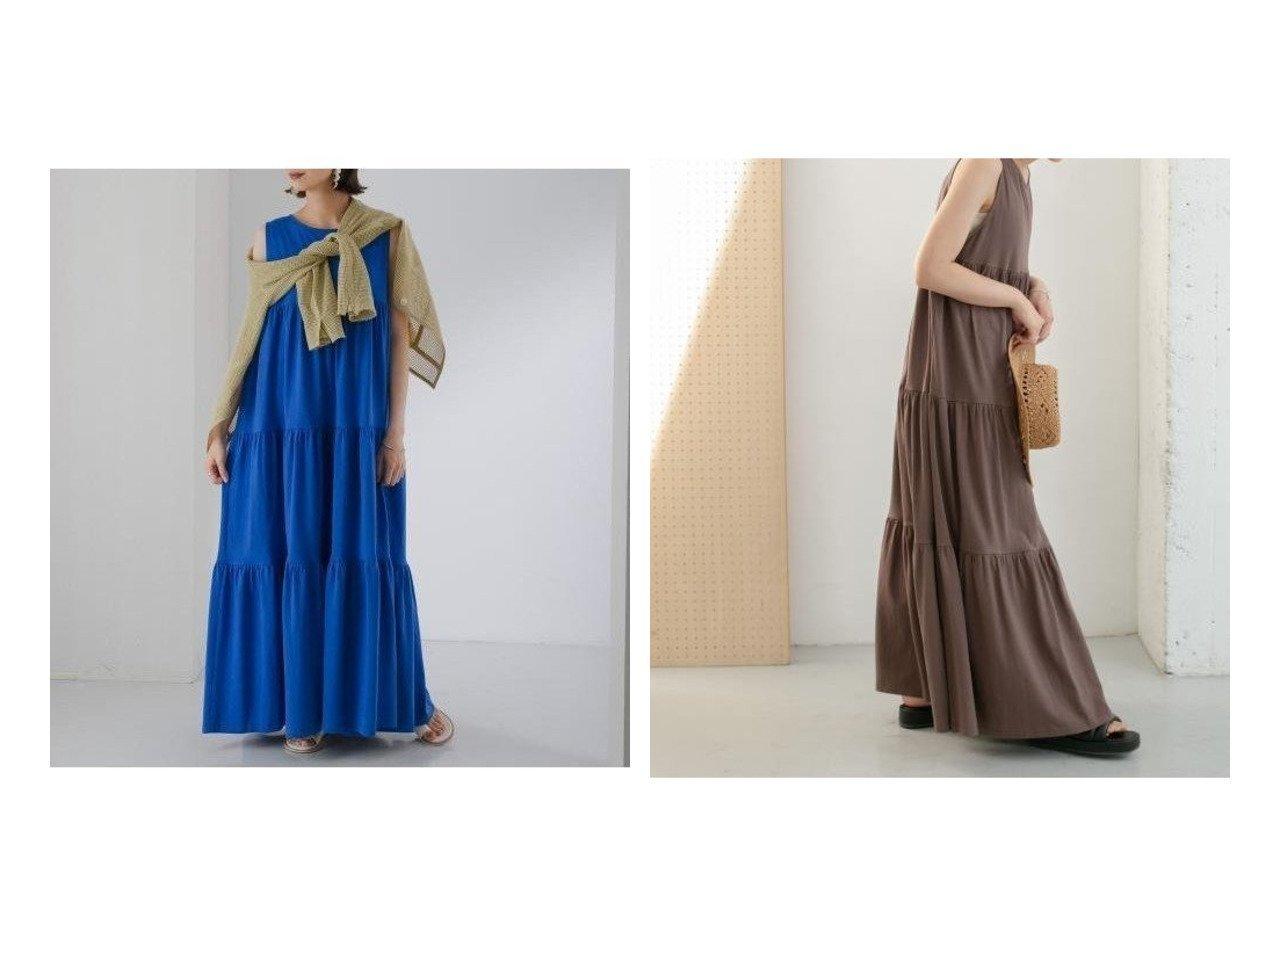 【KBF / URBAN RESEARCH/ケービーエフ】の【WEB限定】ティアードマキシカットワンピース 【ワンピース・ドレス】おすすめ!人気、トレンド・レディースファッションの通販 おすすめで人気の流行・トレンド、ファッションの通販商品 インテリア・家具・メンズファッション・キッズファッション・レディースファッション・服の通販 founy(ファニー) https://founy.com/ ファッション Fashion レディースファッション WOMEN ワンピース Dress インナー カットソー カーディガン タンク ダウン ティアードワンピース ビッグ ポケット マキシ リラックス おすすめ Recommend  ID:crp329100000054611